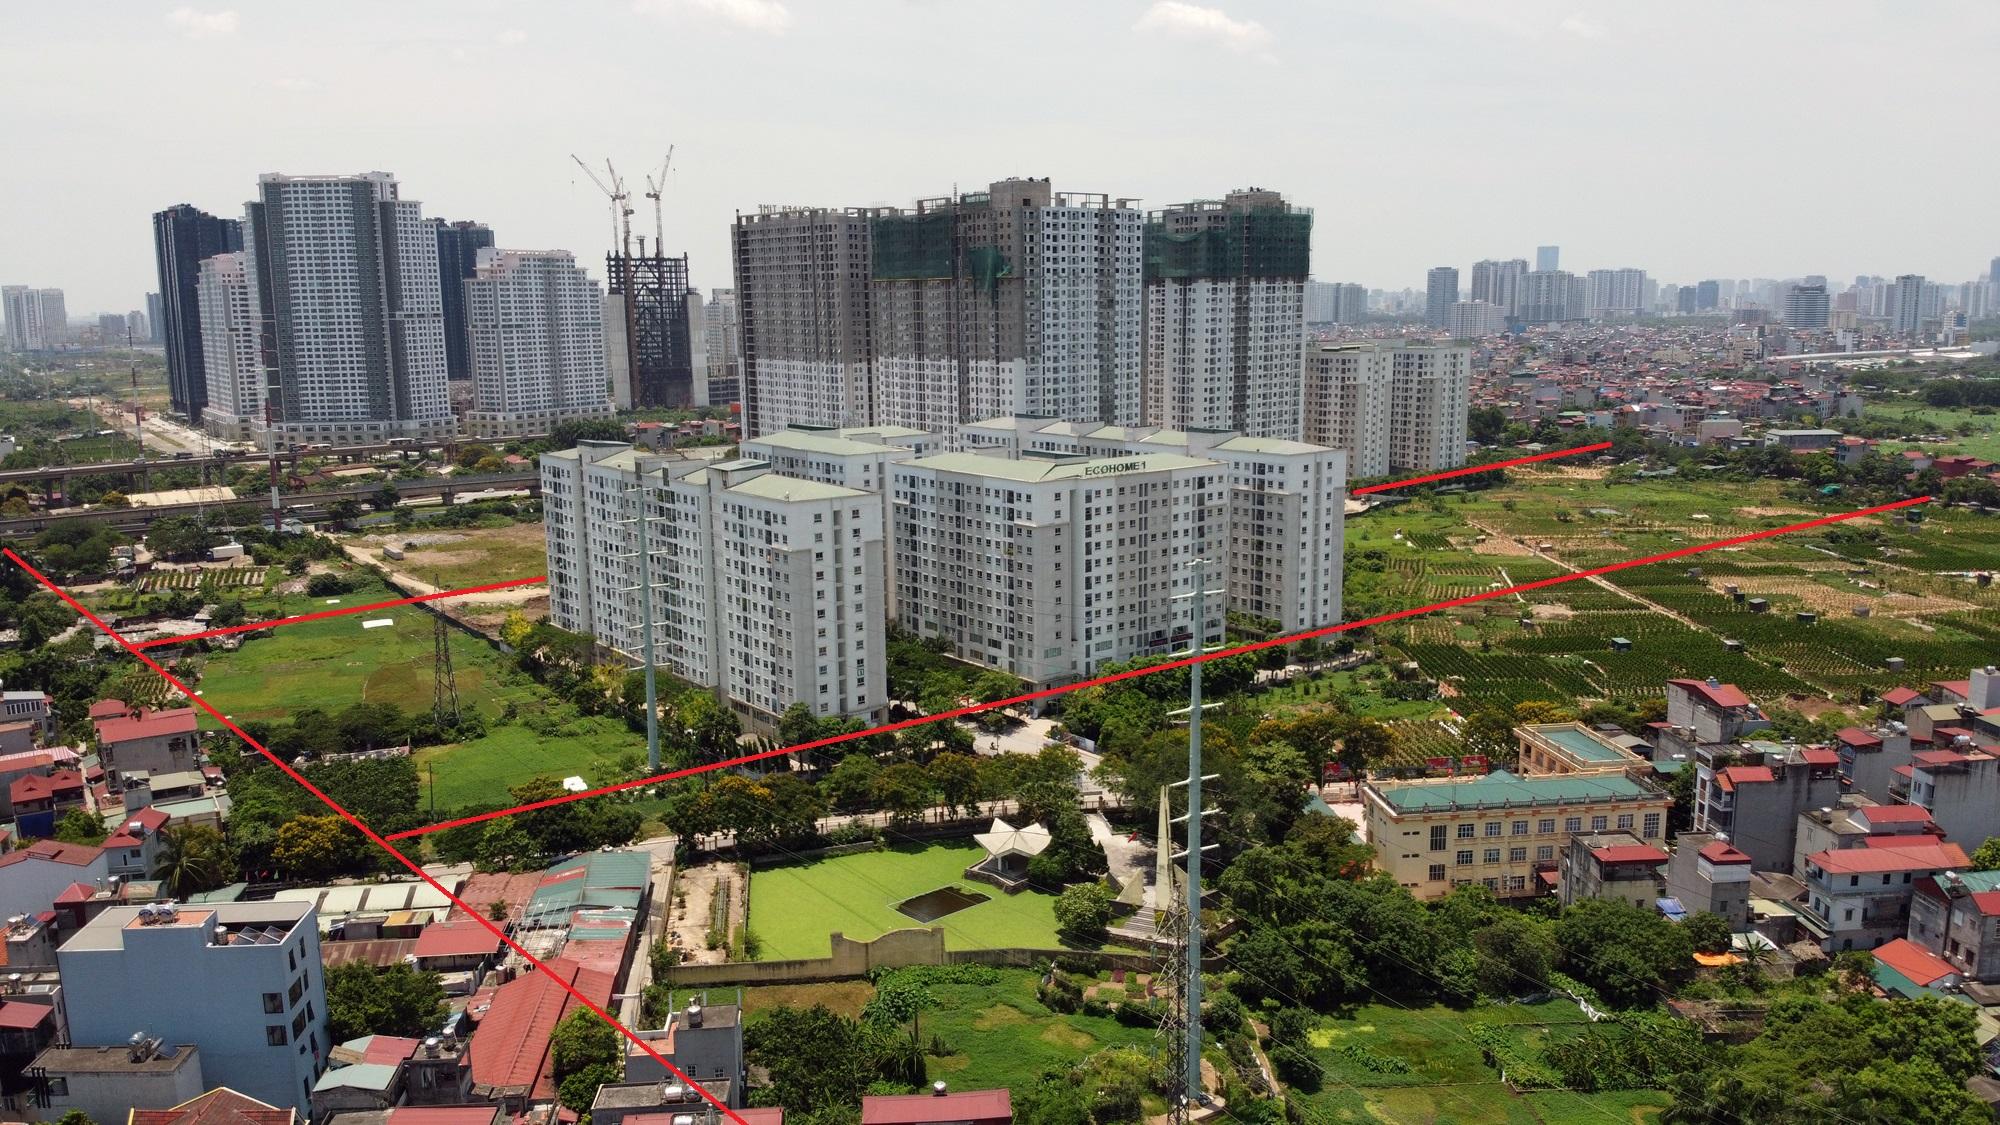 4 đường sẽ mở theo qui hoạch ở phường Đông Ngạc, Bắc Từ Liêm - Ảnh 9.